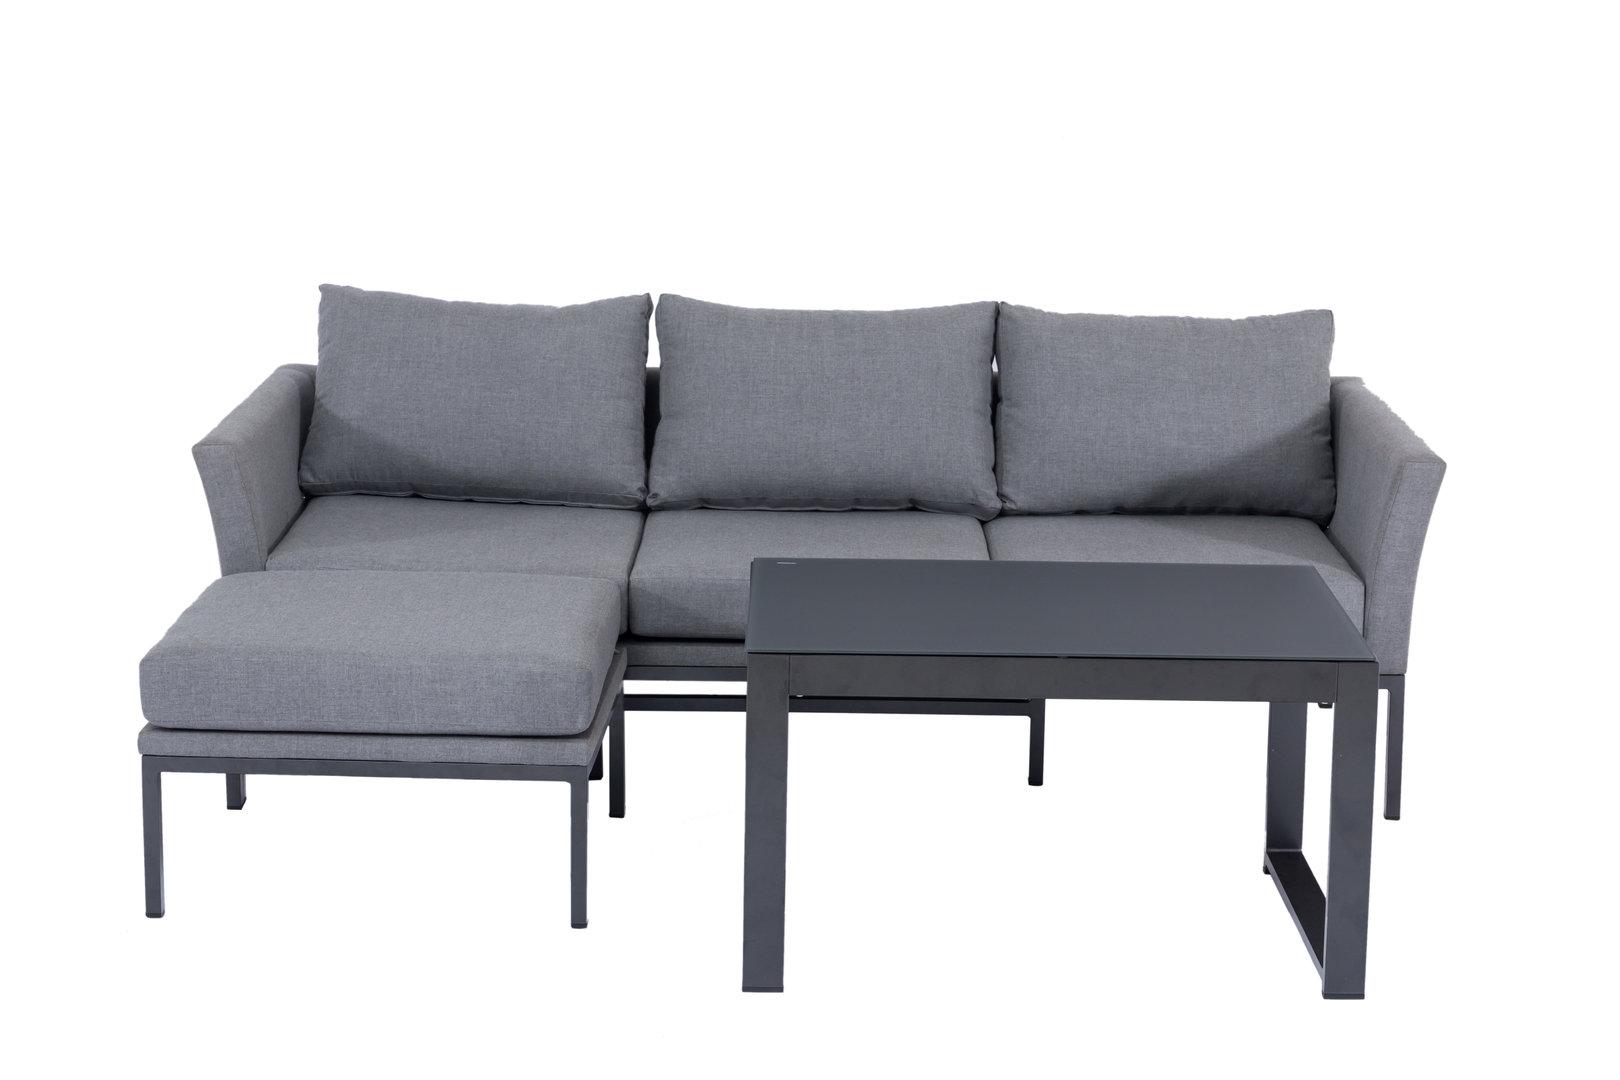 Full Size of Outdoor Sofa Wetterfest Couch Lounge Ikea Set Atlantis Mit Sunbrella Bezug Blaues Inhofer Chesterfield Günstig Big Kolonialstil Erpo 3 2 1 Sitzer Rund Wohnzimmer Outdoor Sofa Wetterfest